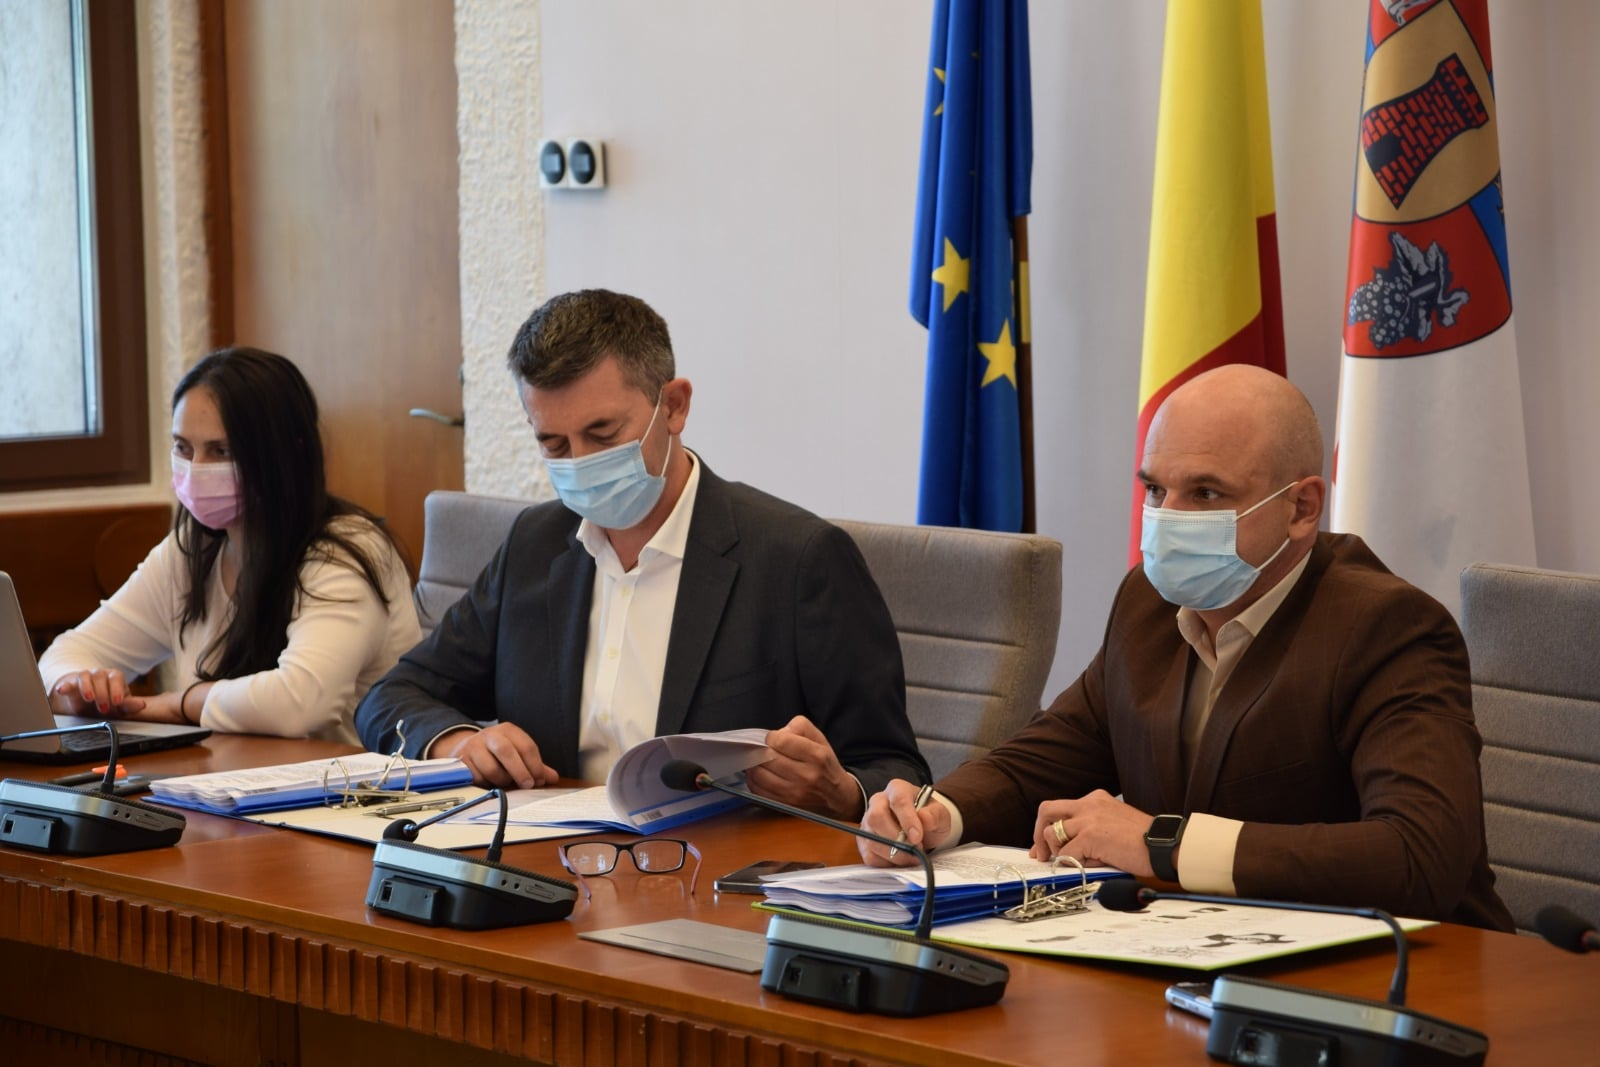 Prefectul Altfatter Tamás a convocat astăzi în ședință Comisia județeană pentru stabilirea dreptului de proprietate privată asupra terenurilor Satu Mare